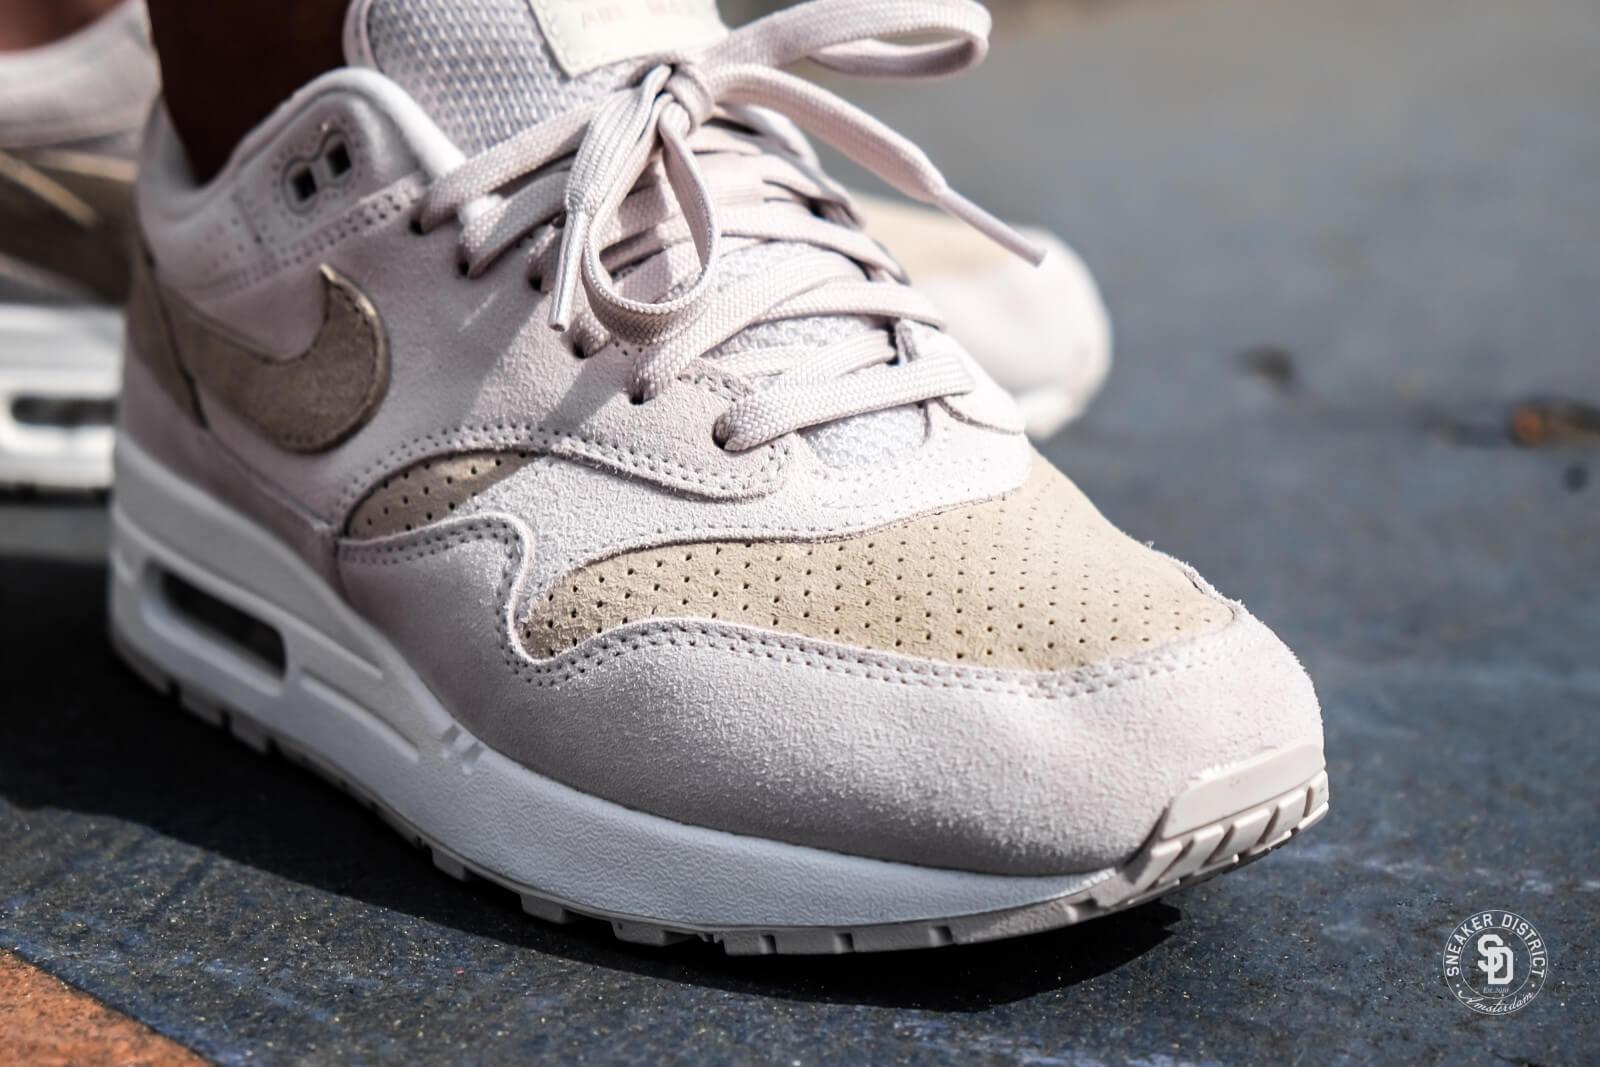 Nike Air Max 1 - Desert Sand